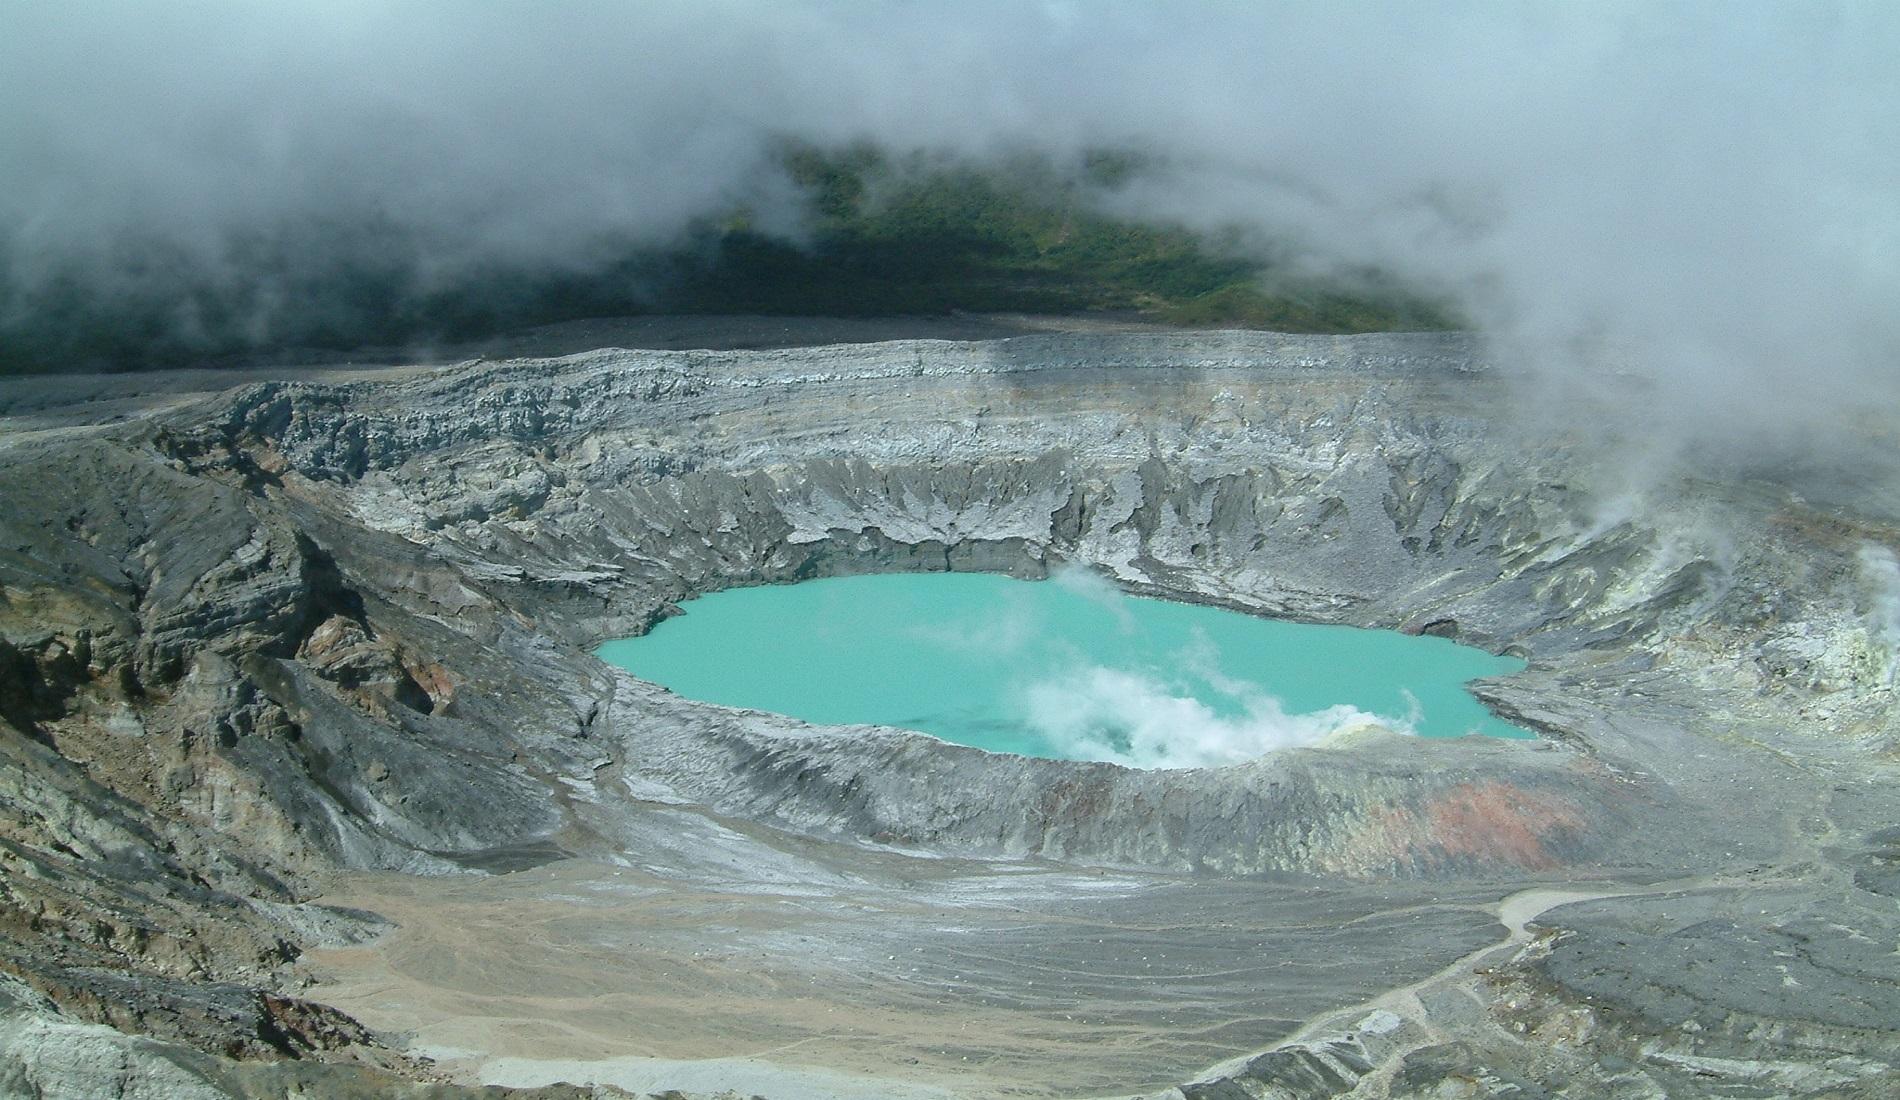 poas vulkaan costa rica lokaal